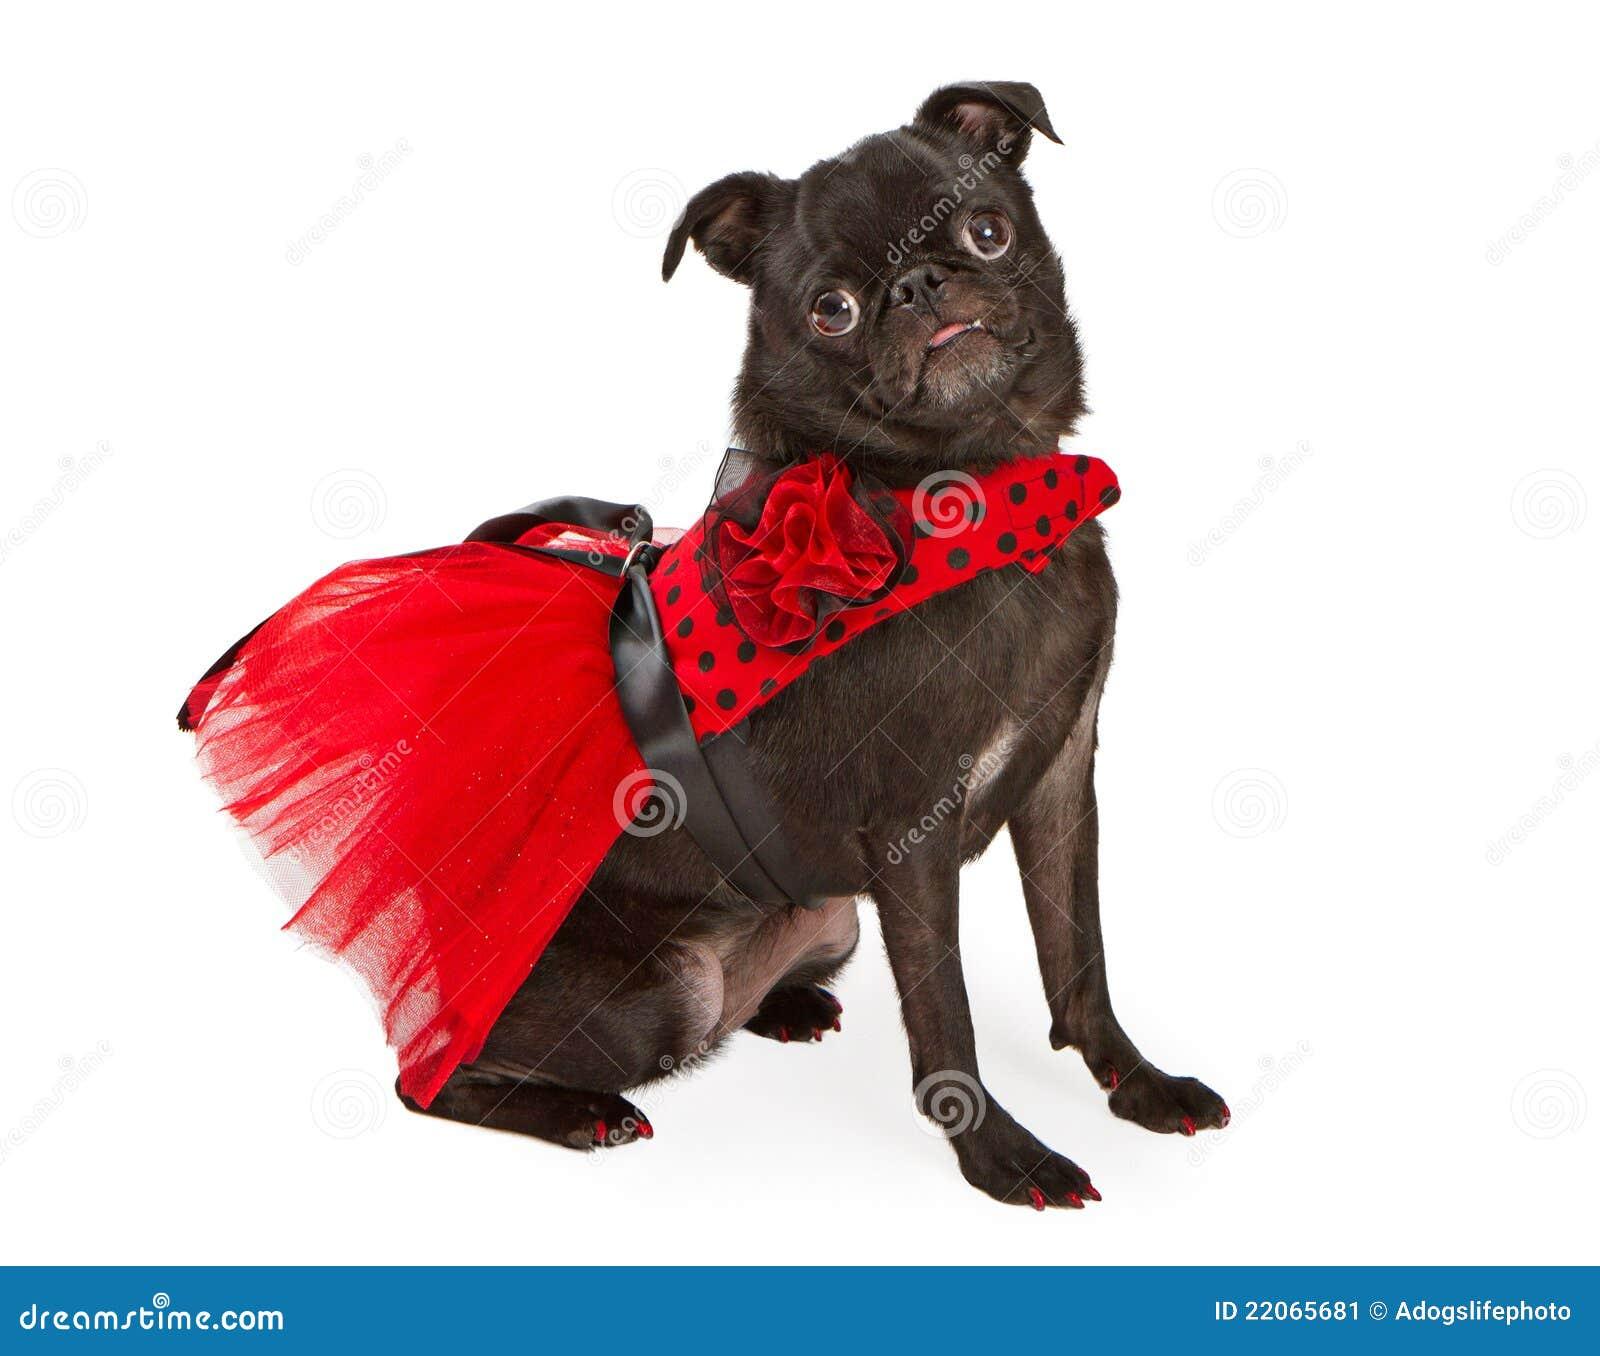 Pug Dog Christmas Pictures